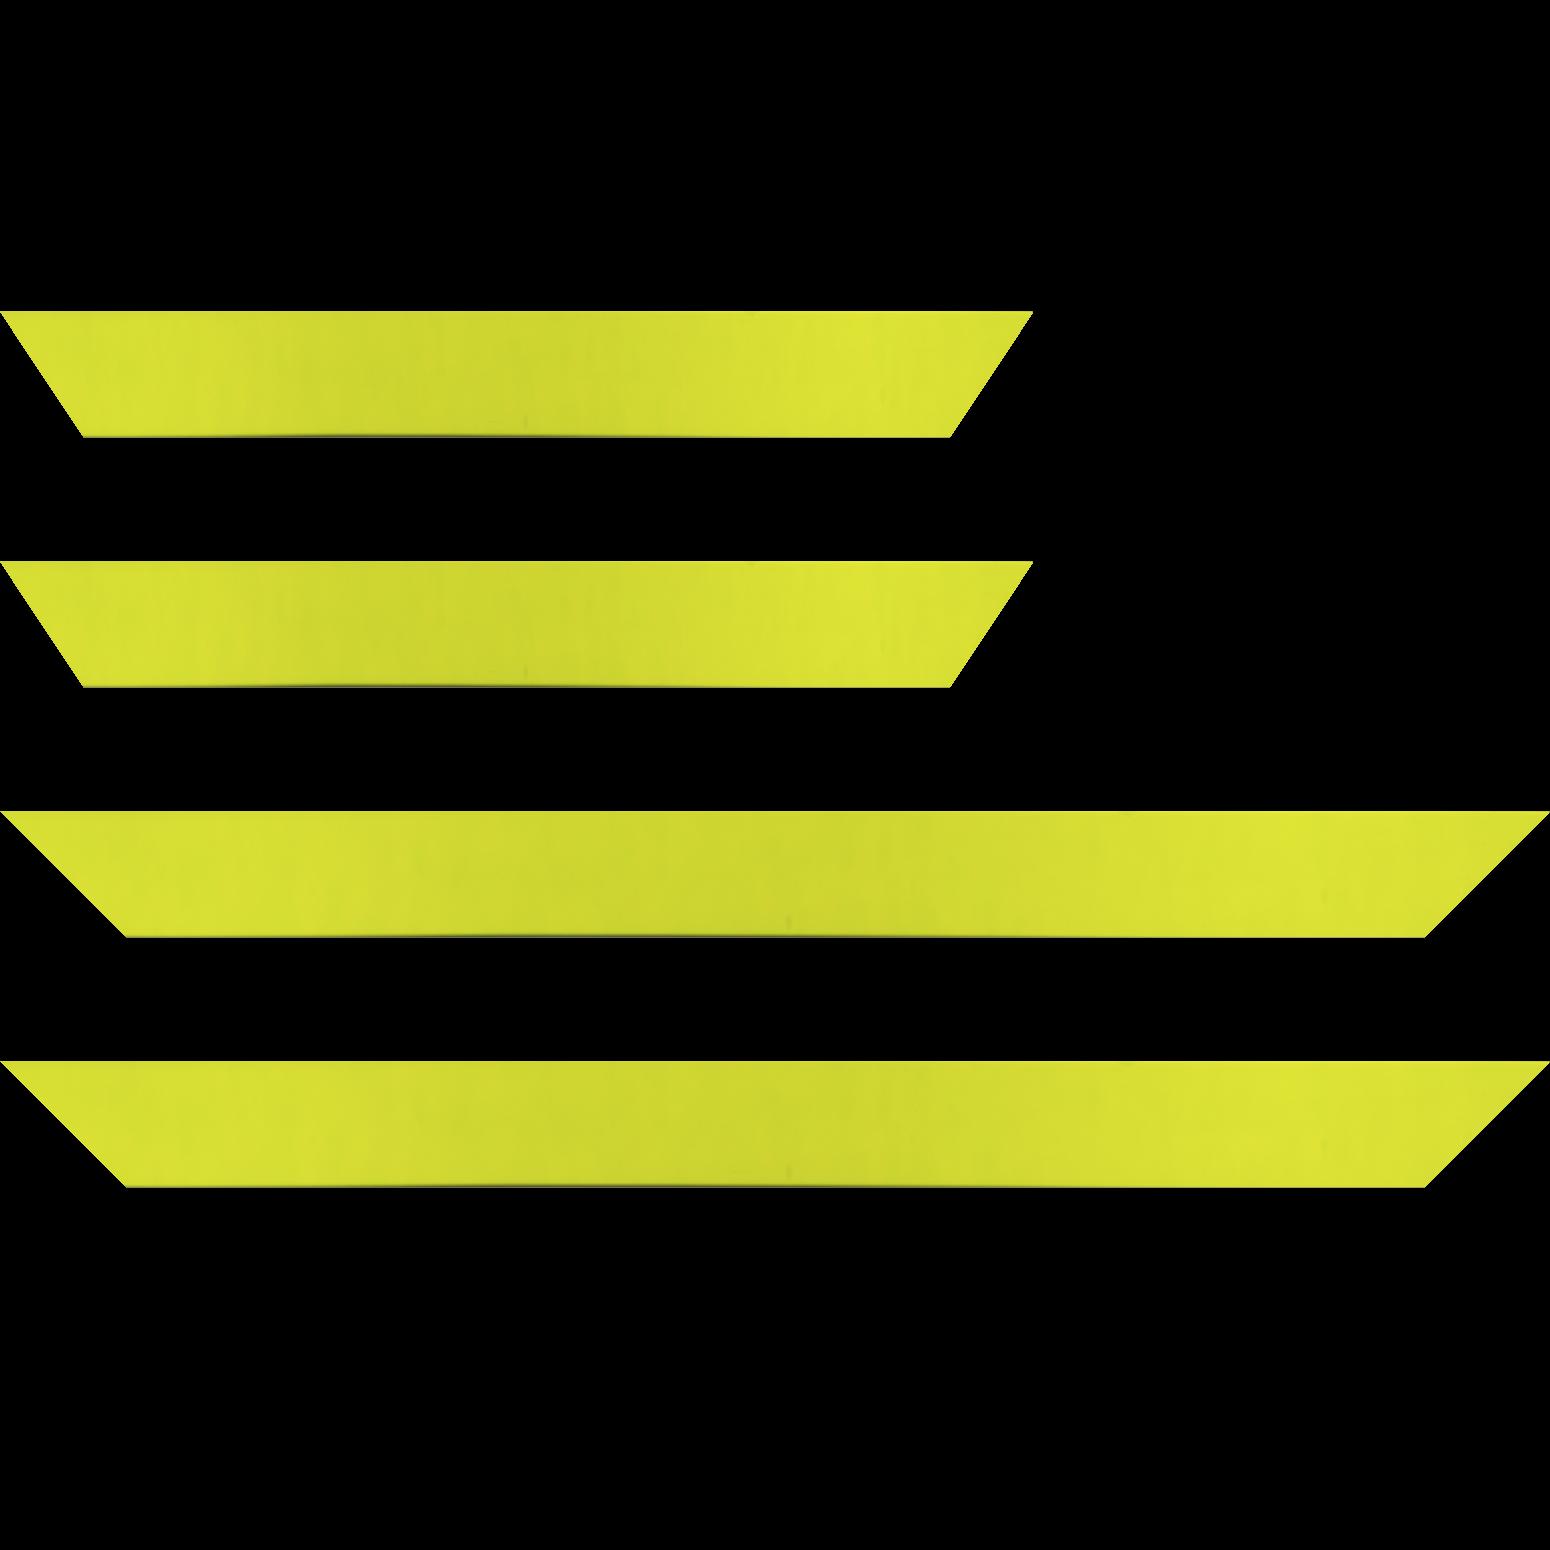 Baguette service précoupé bois profil plat largeur 3.9cm couleur vert vif mat